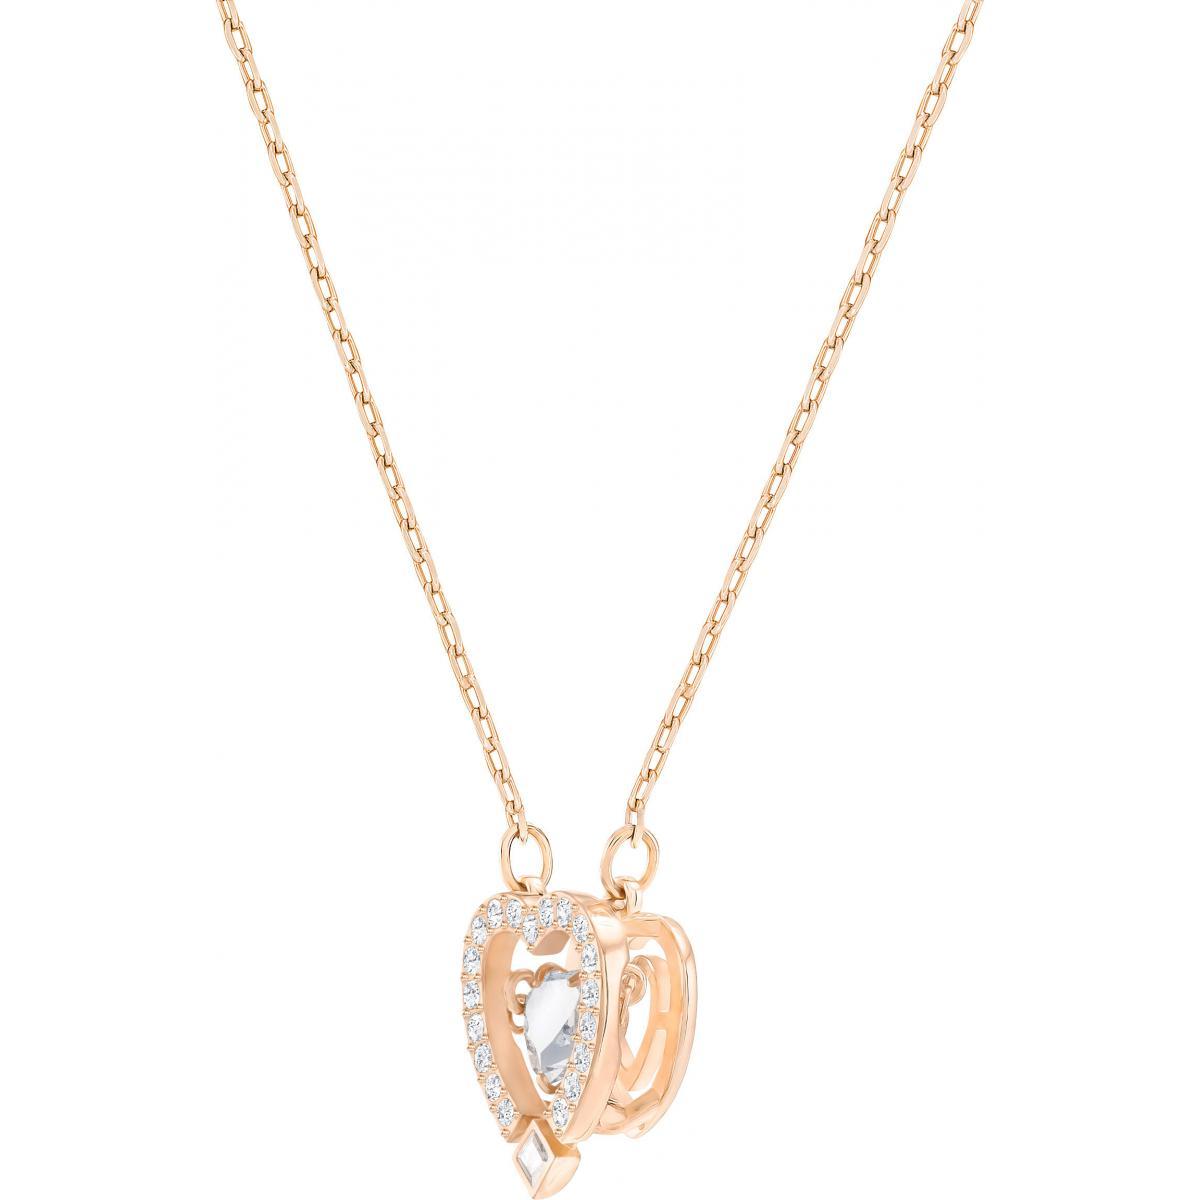 Collier et pendentif Swarovski Bijoux 5284188 - Chaine Cœur Sertie Femme